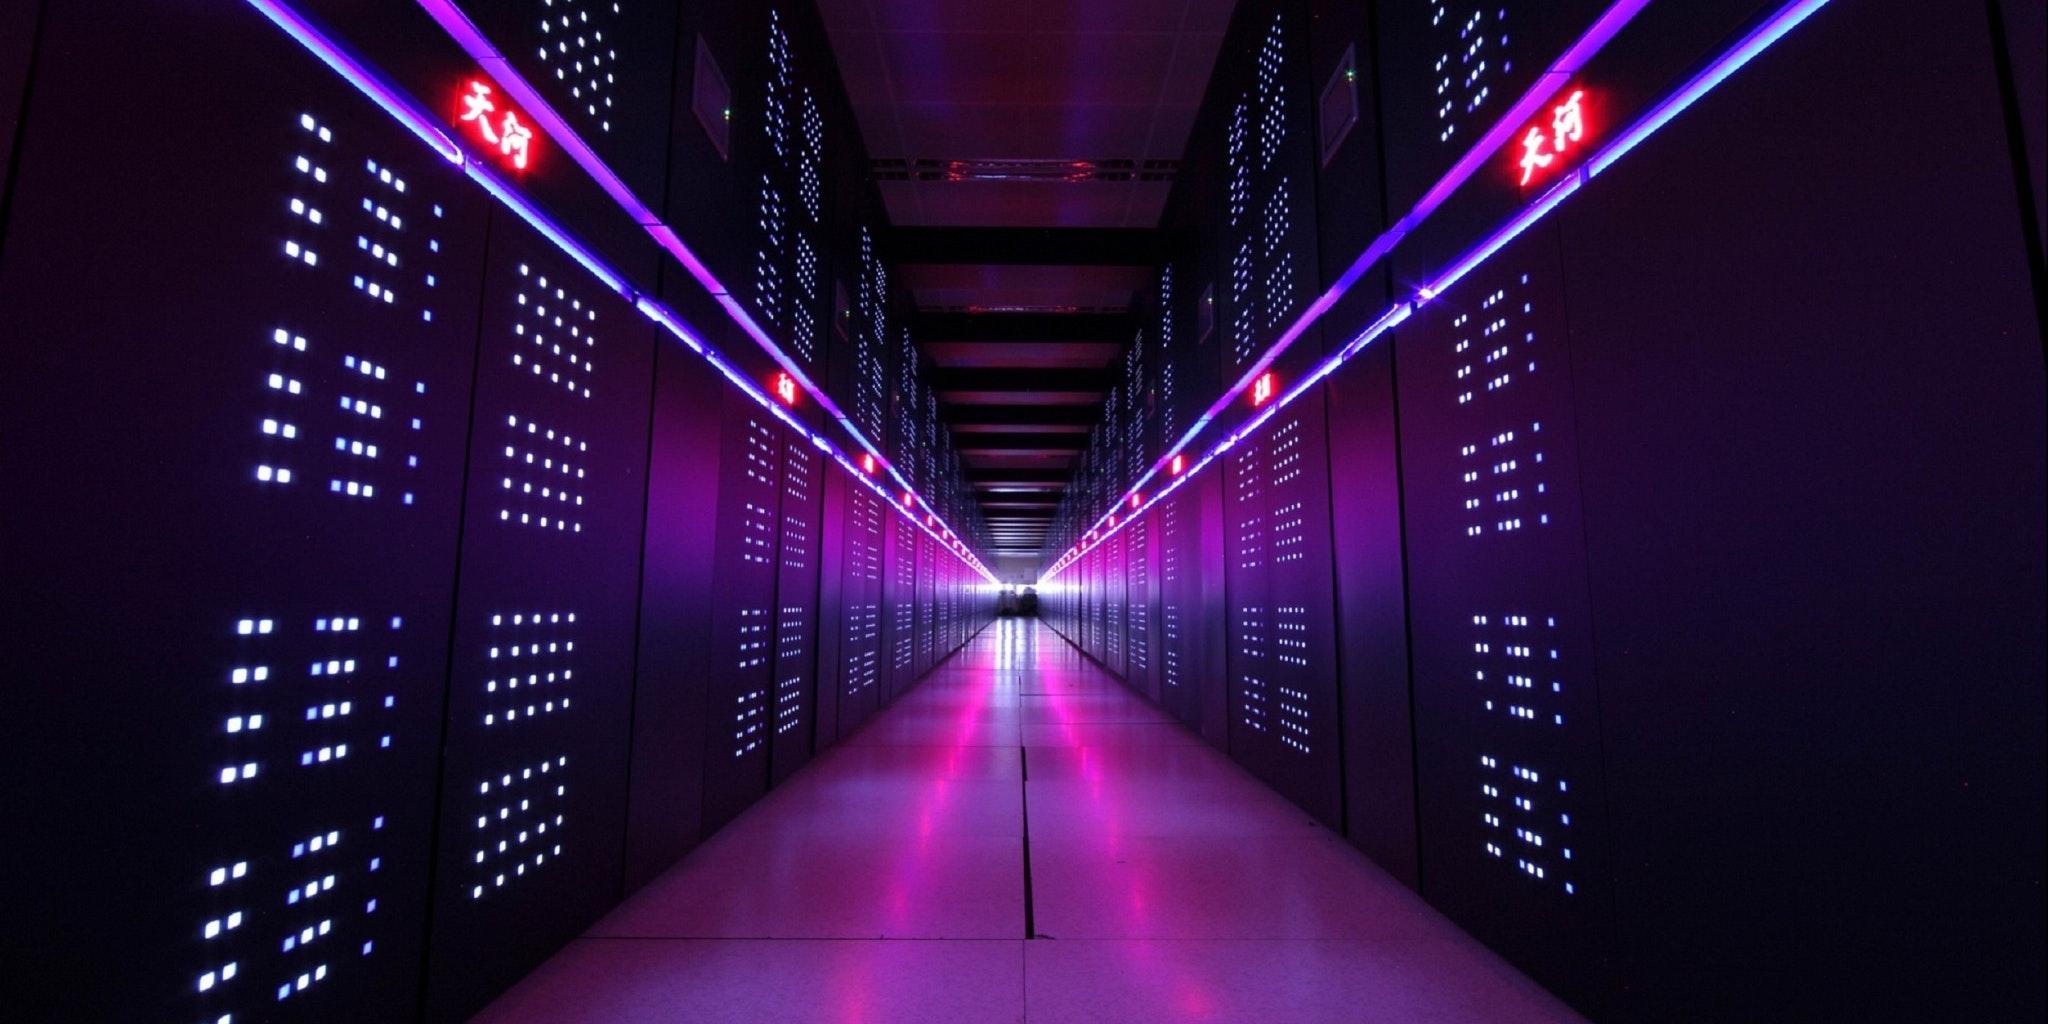 Chinese Supercomputer Tianhe-2